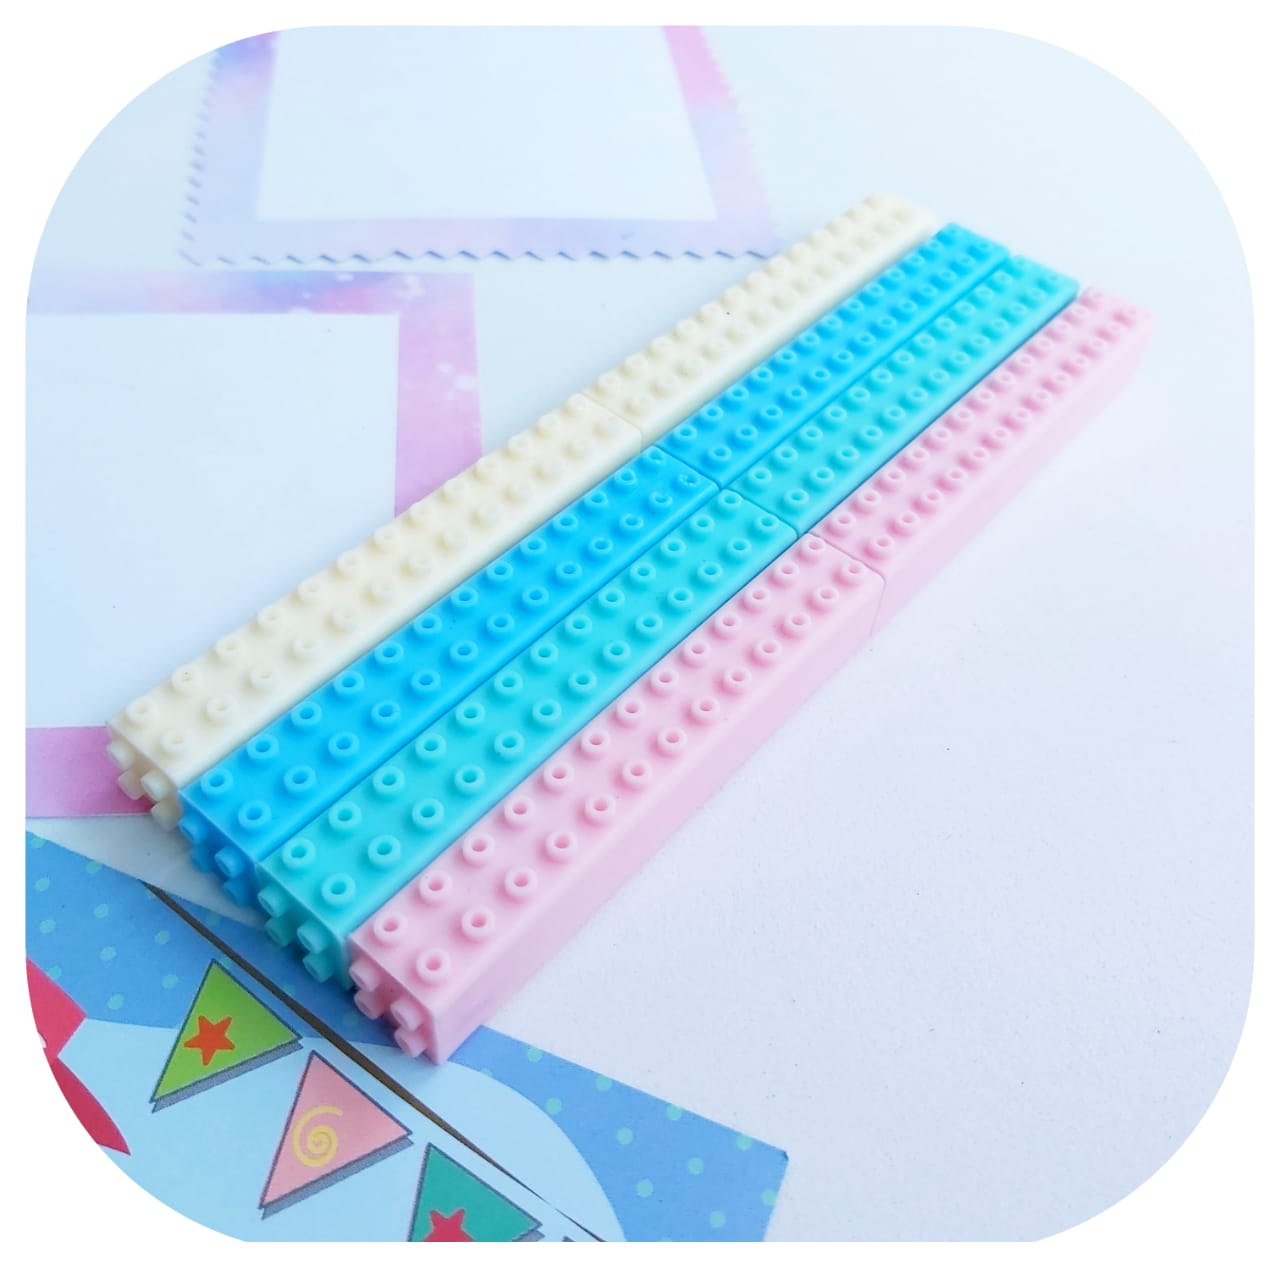 Caneta - Lego